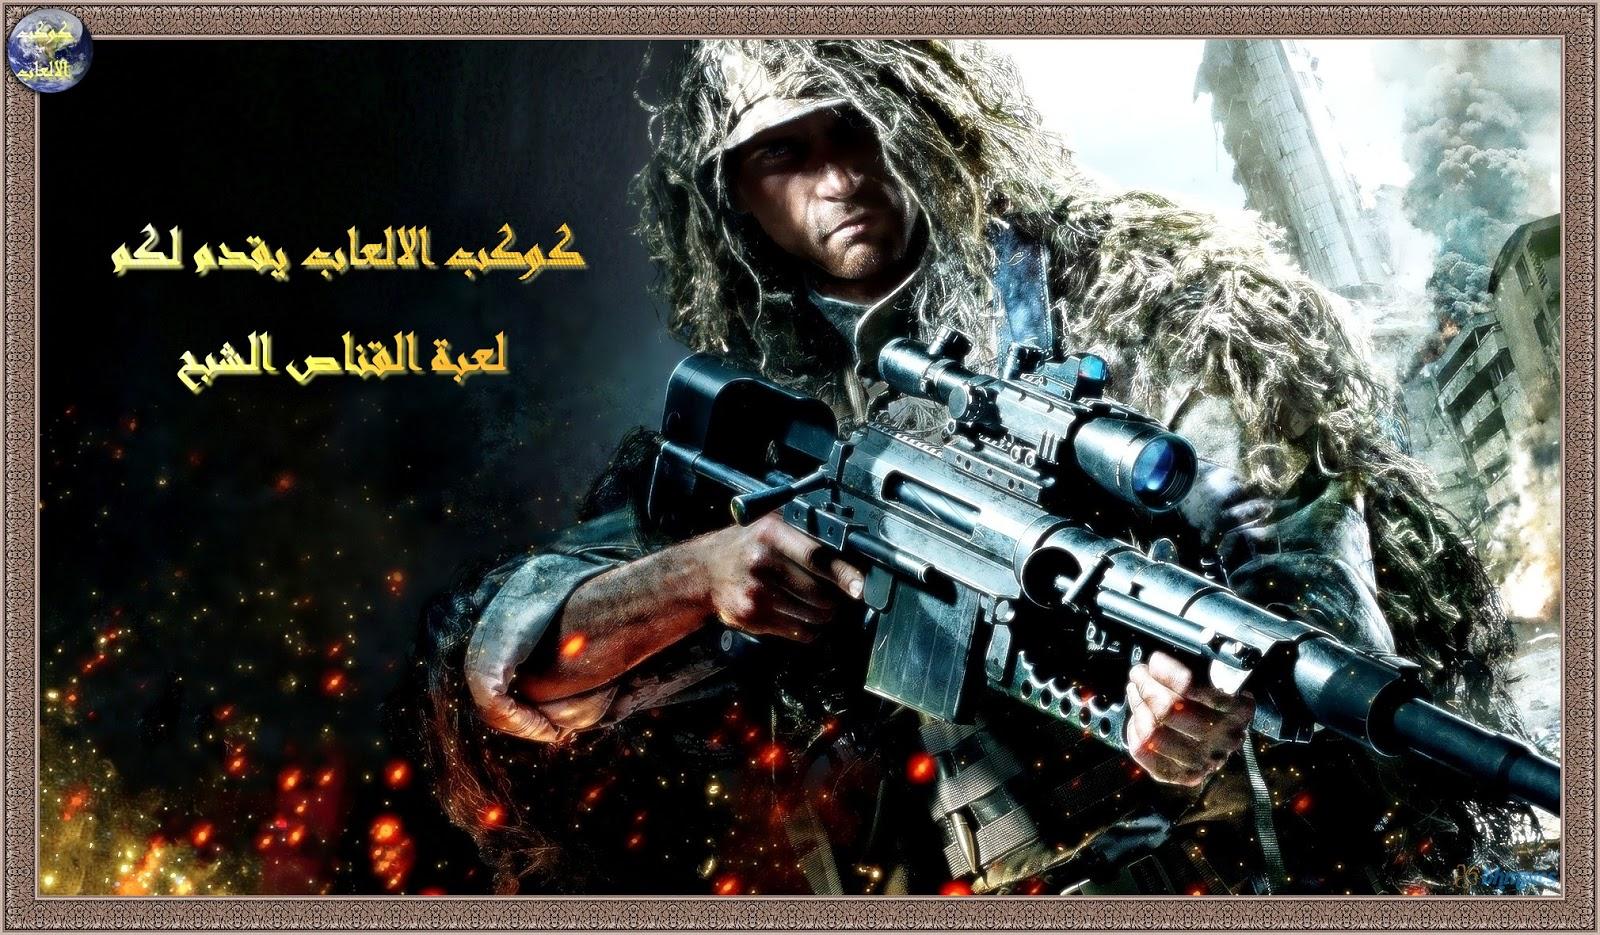 تحميل ثنائية القناص الشبح Sniper Ghost Warrior